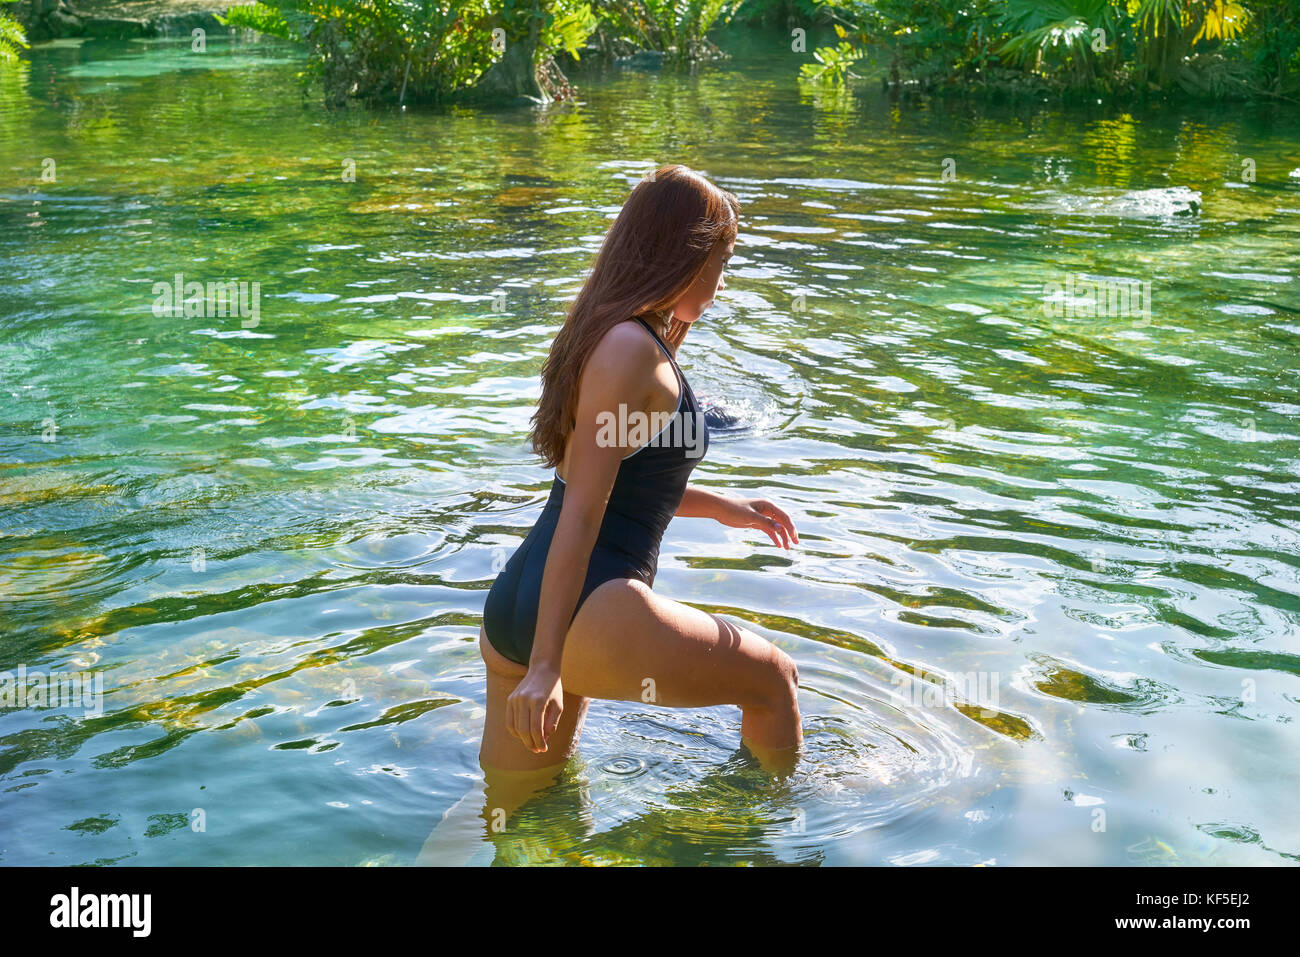 f05e16308 Hermosa jovencita en los cenotes de la riviera maya con traje de baño